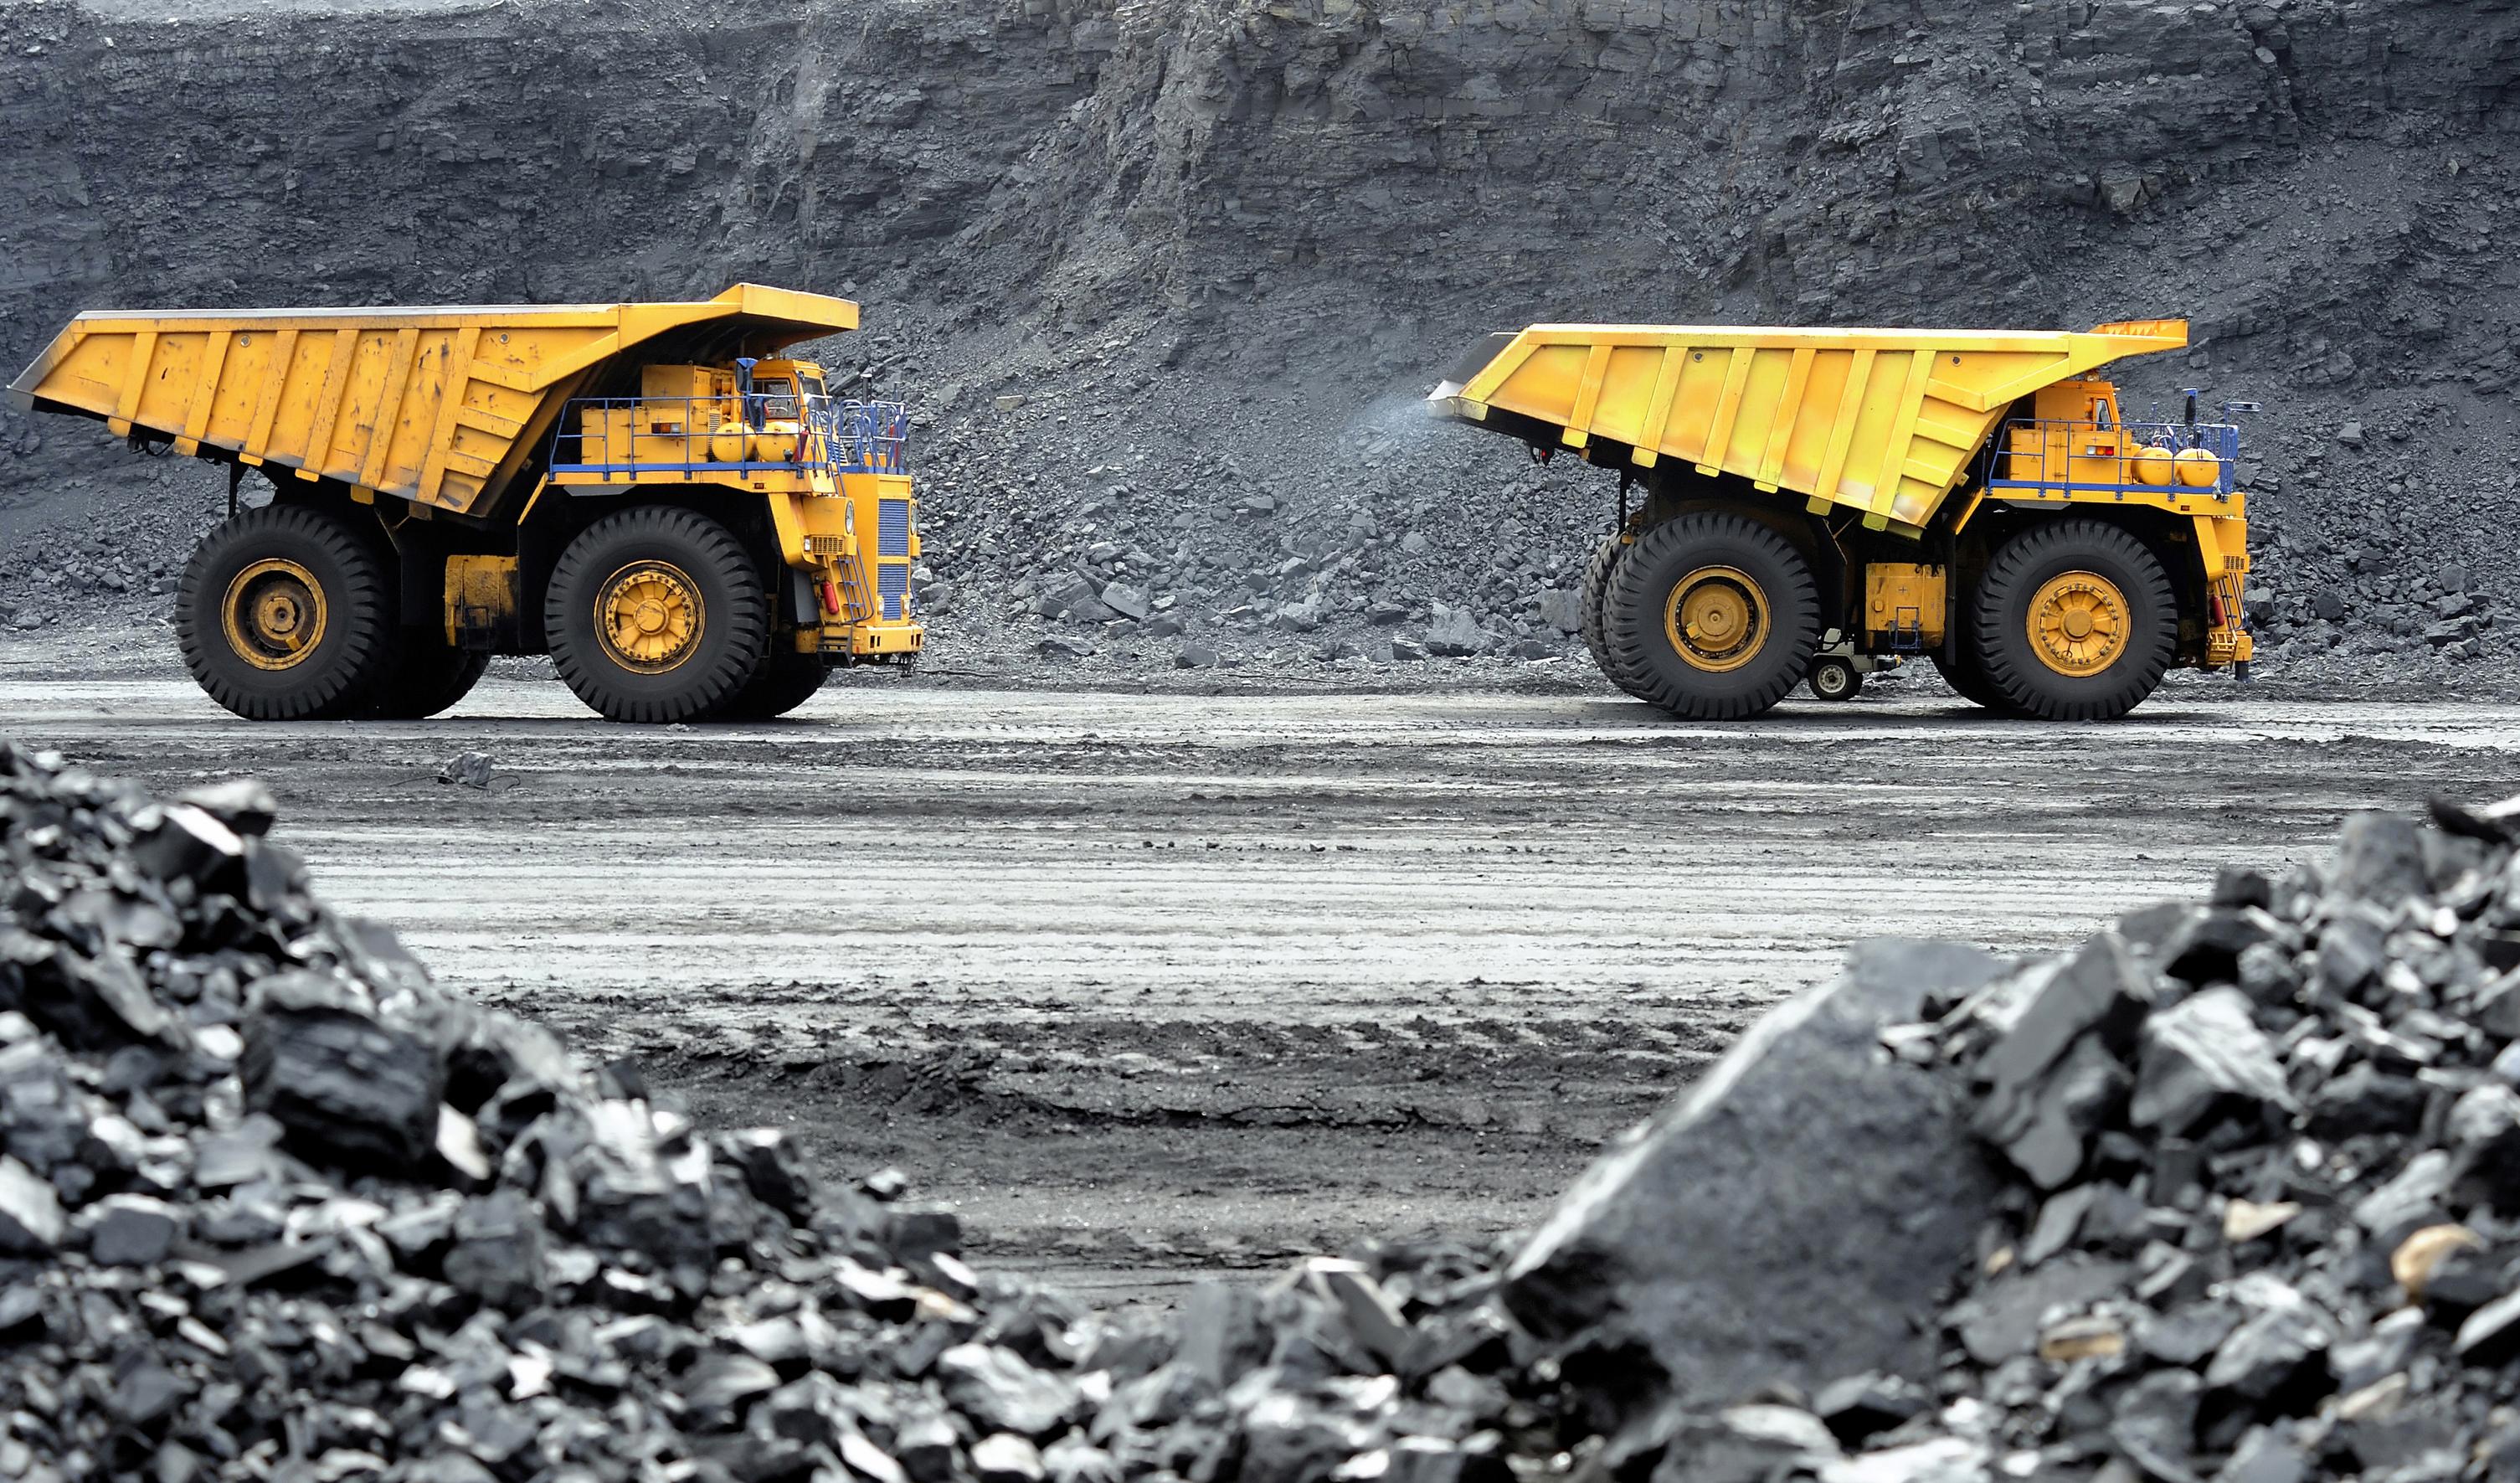 معاون وزیر صنعت: اجازه صادرات مواد اولیه معدنی را نخواهیم داد